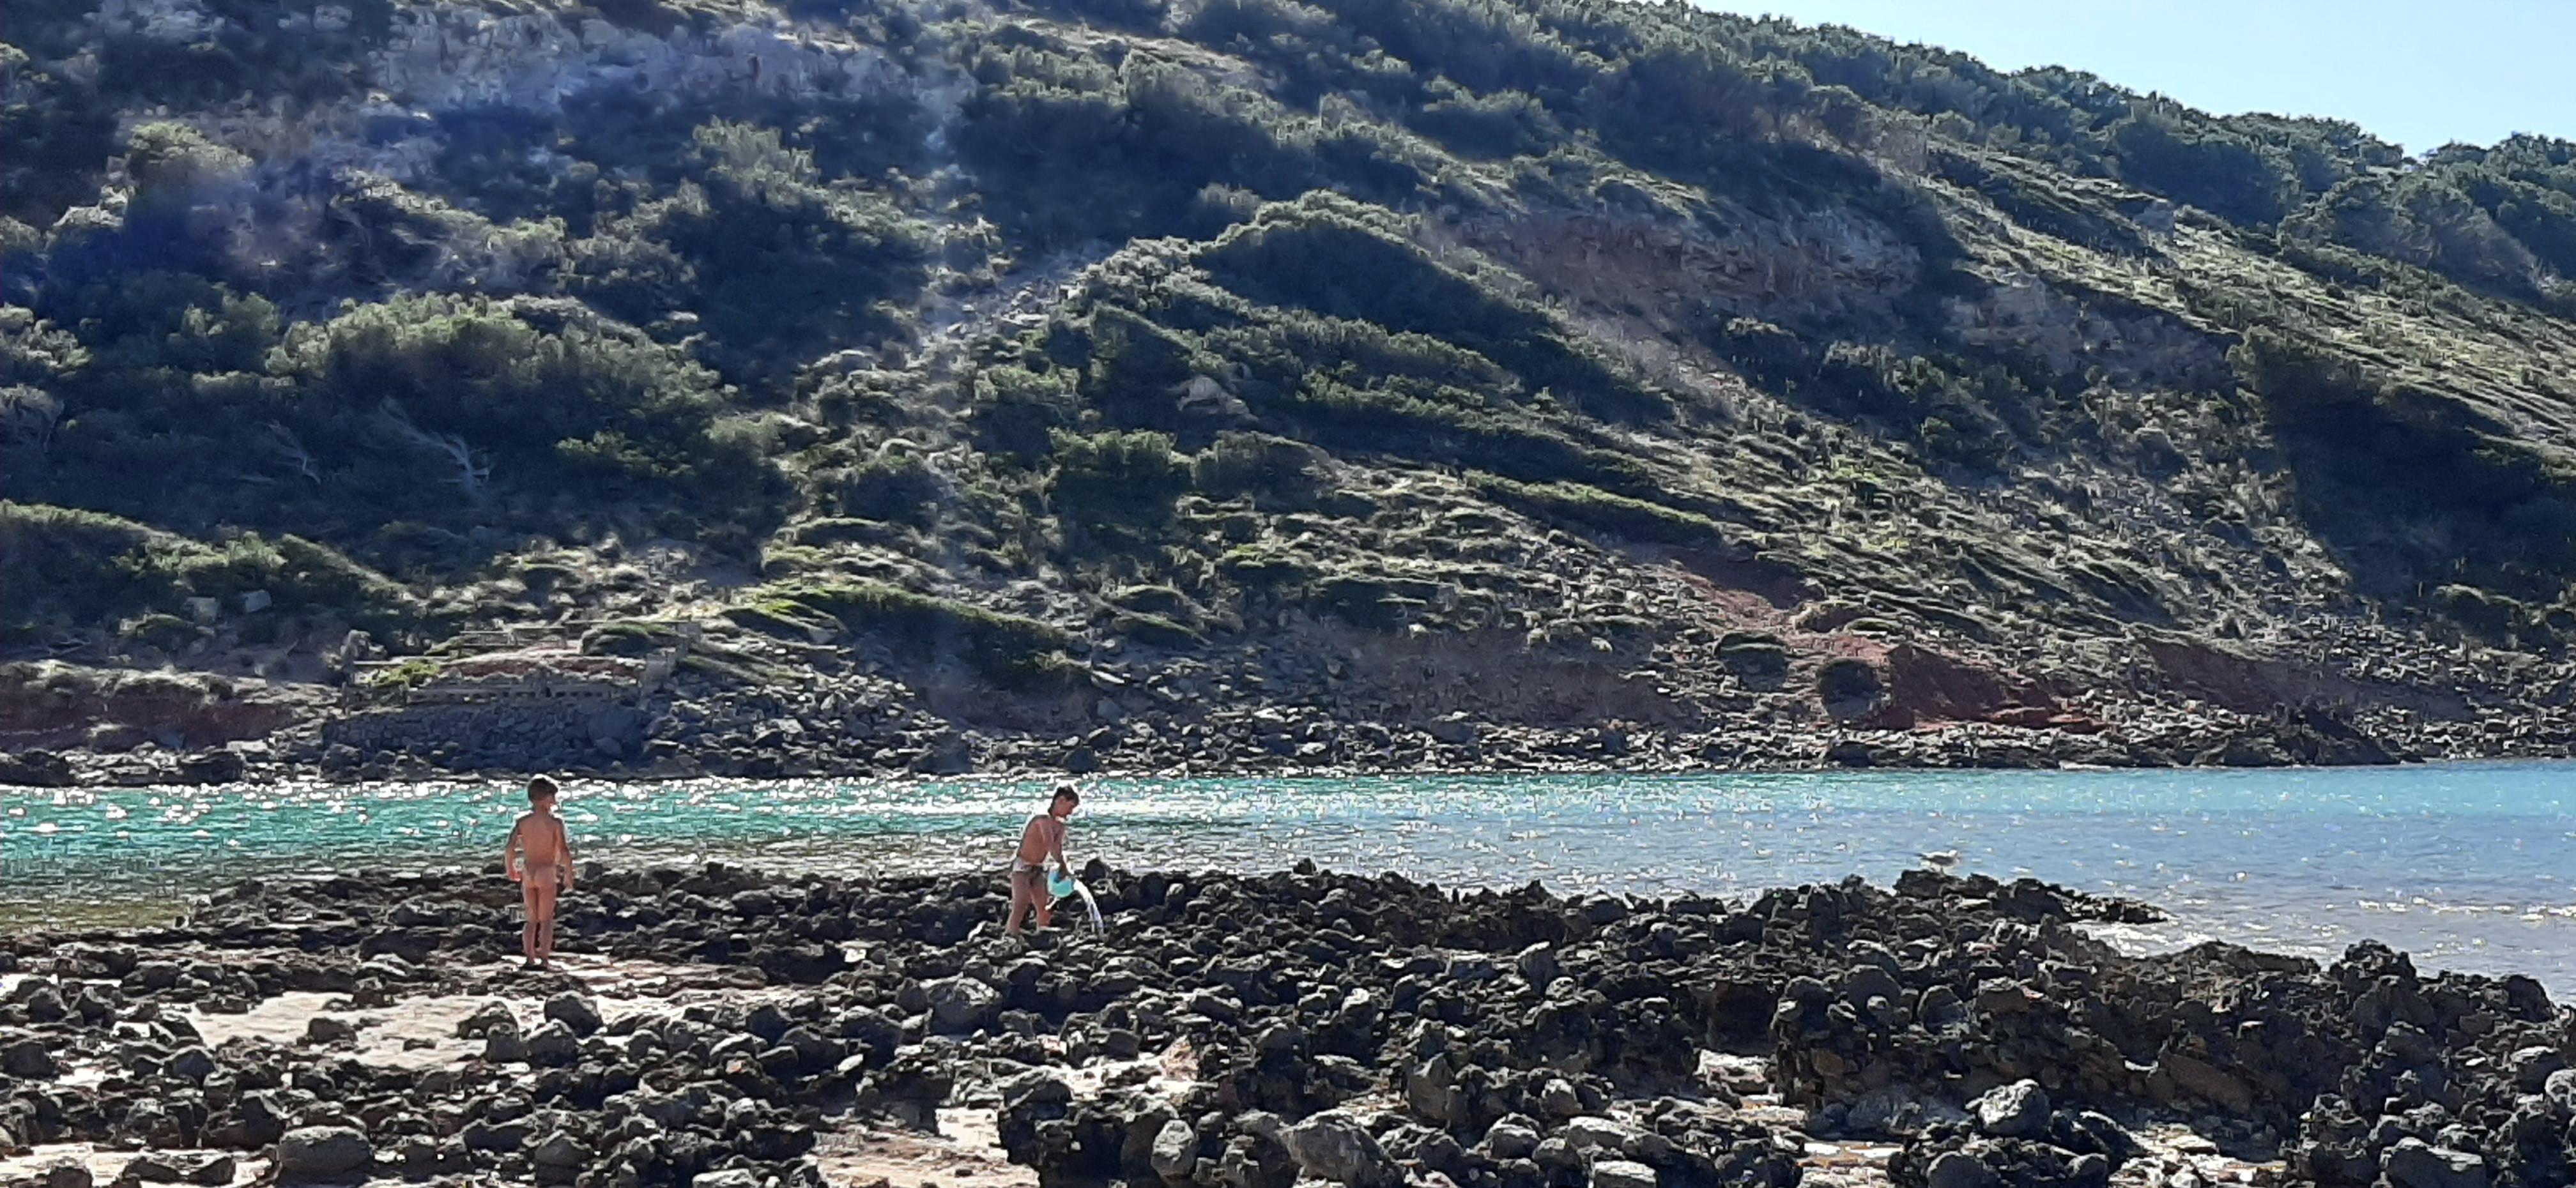 Algaiarens, Menorca, 7 mayo 2021